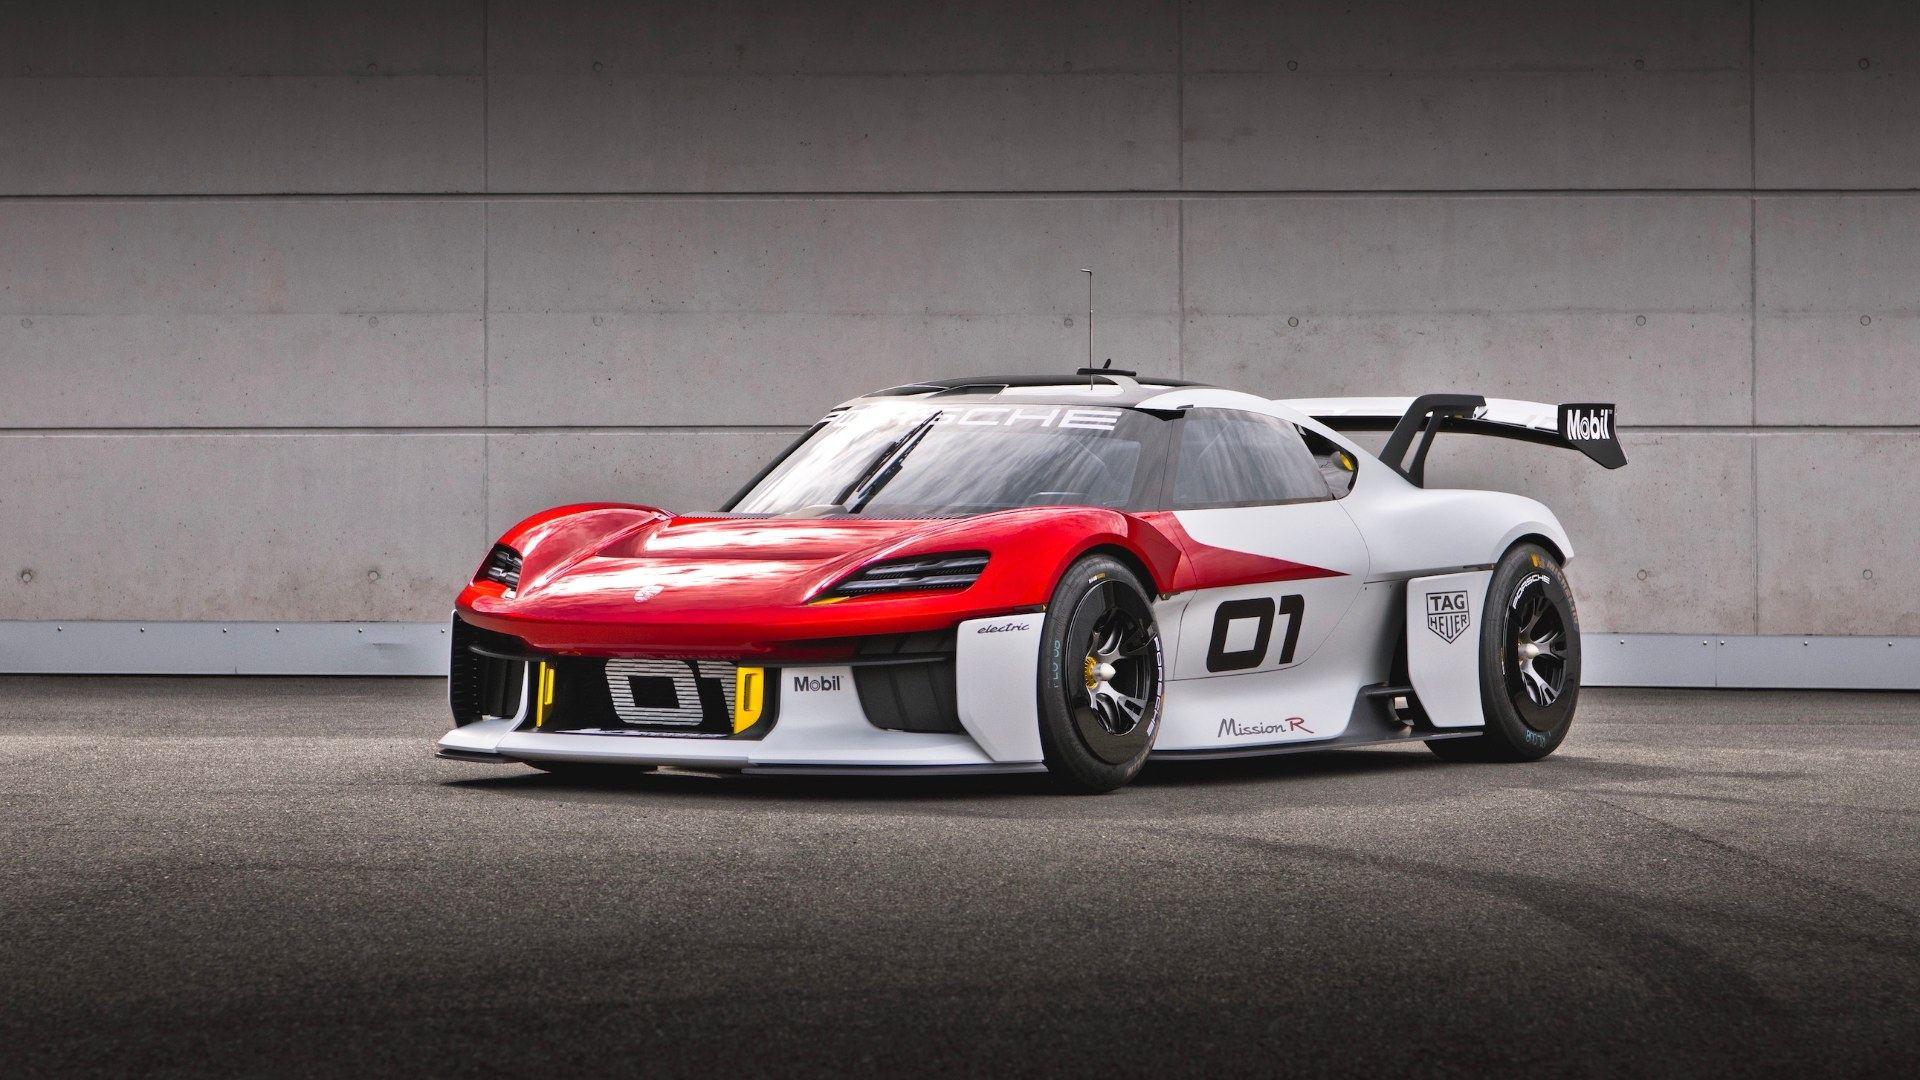 El Porsche Mission R es el futuro de los carreras cliente de la marca